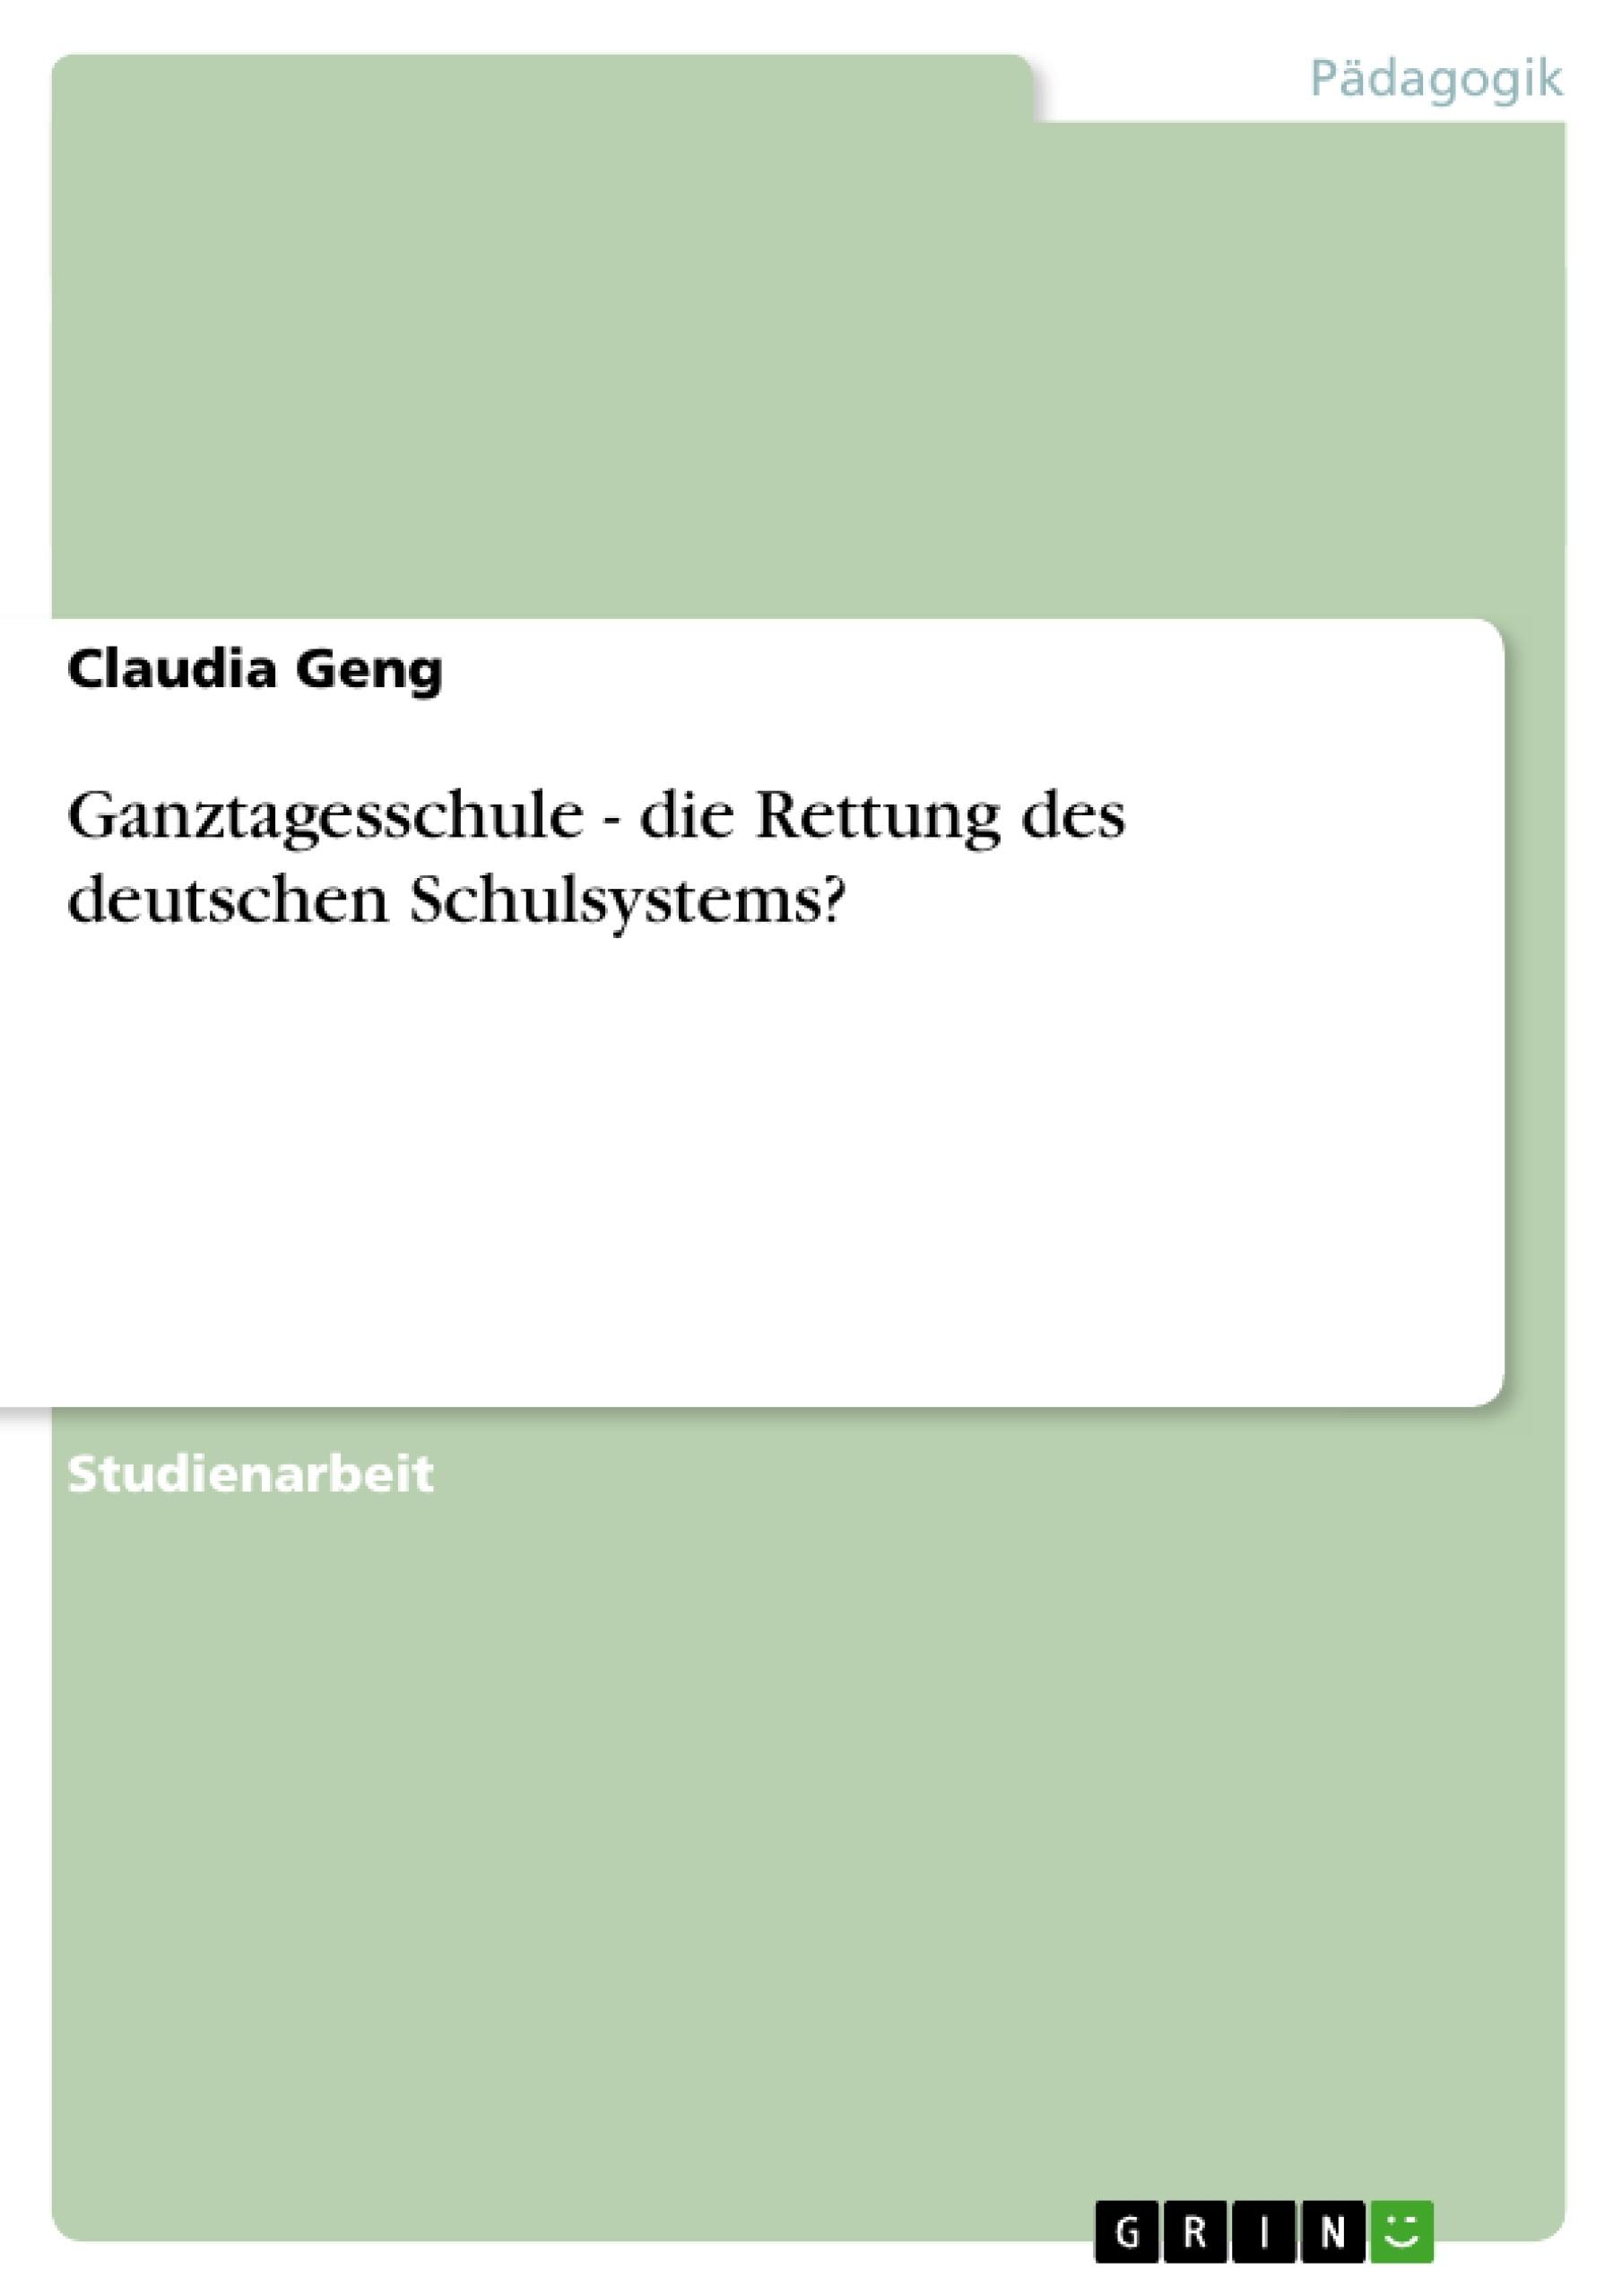 Titel: Ganztagesschule - die Rettung des deutschen Schulsystems?